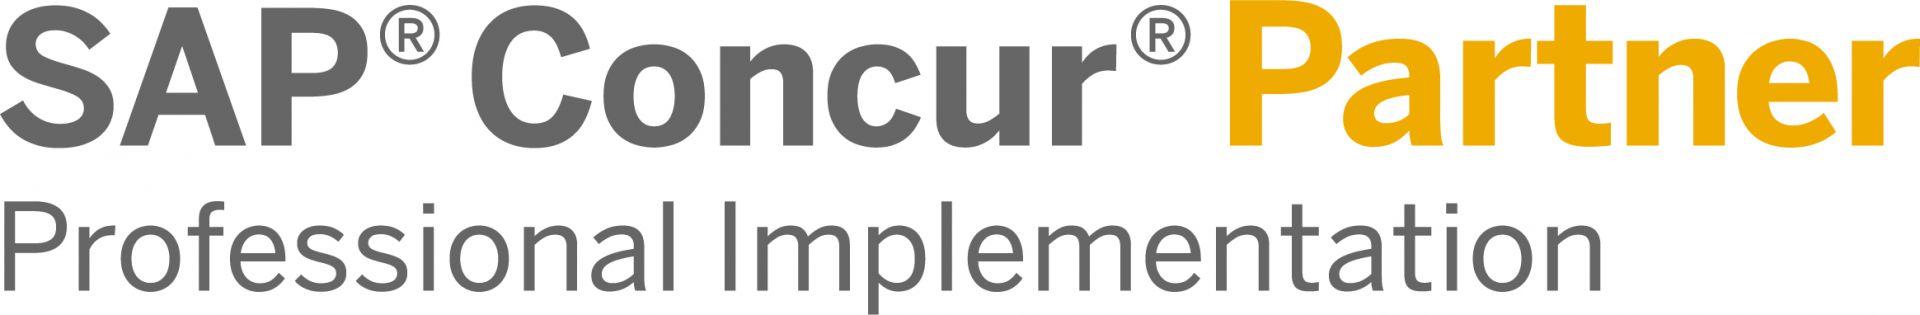 SAP Concur Partner Professional Implementation itelligence AG